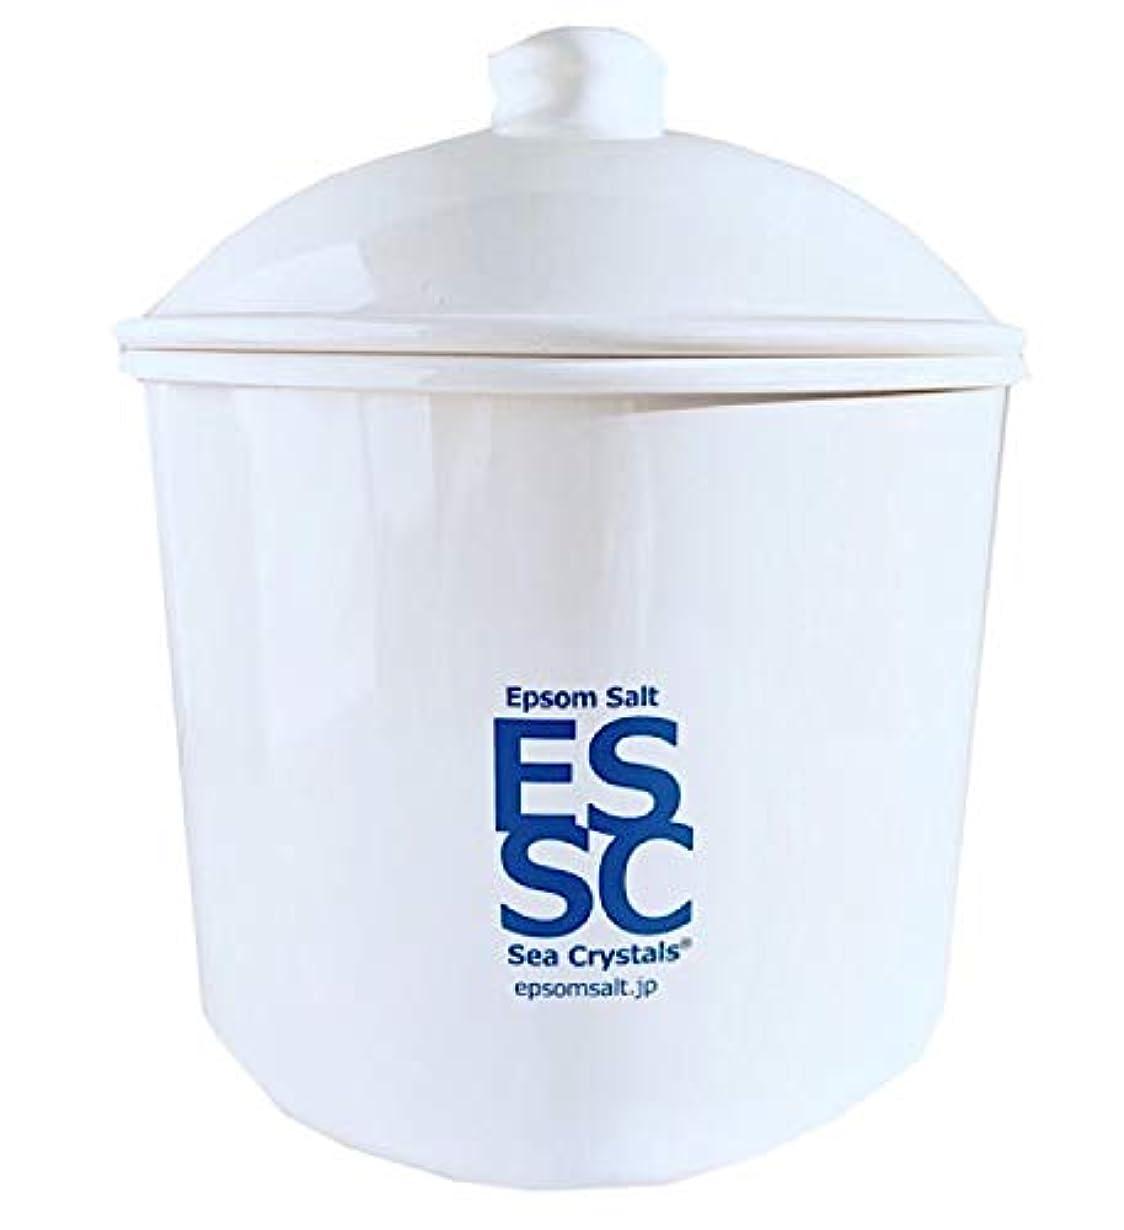 に対処するバンド地域のシークリスタルス 国産 エプソムソルト 入浴剤 ケース入り2.2kg 約14回分 計量スプーン付き 無香料 硫酸マグネシウム